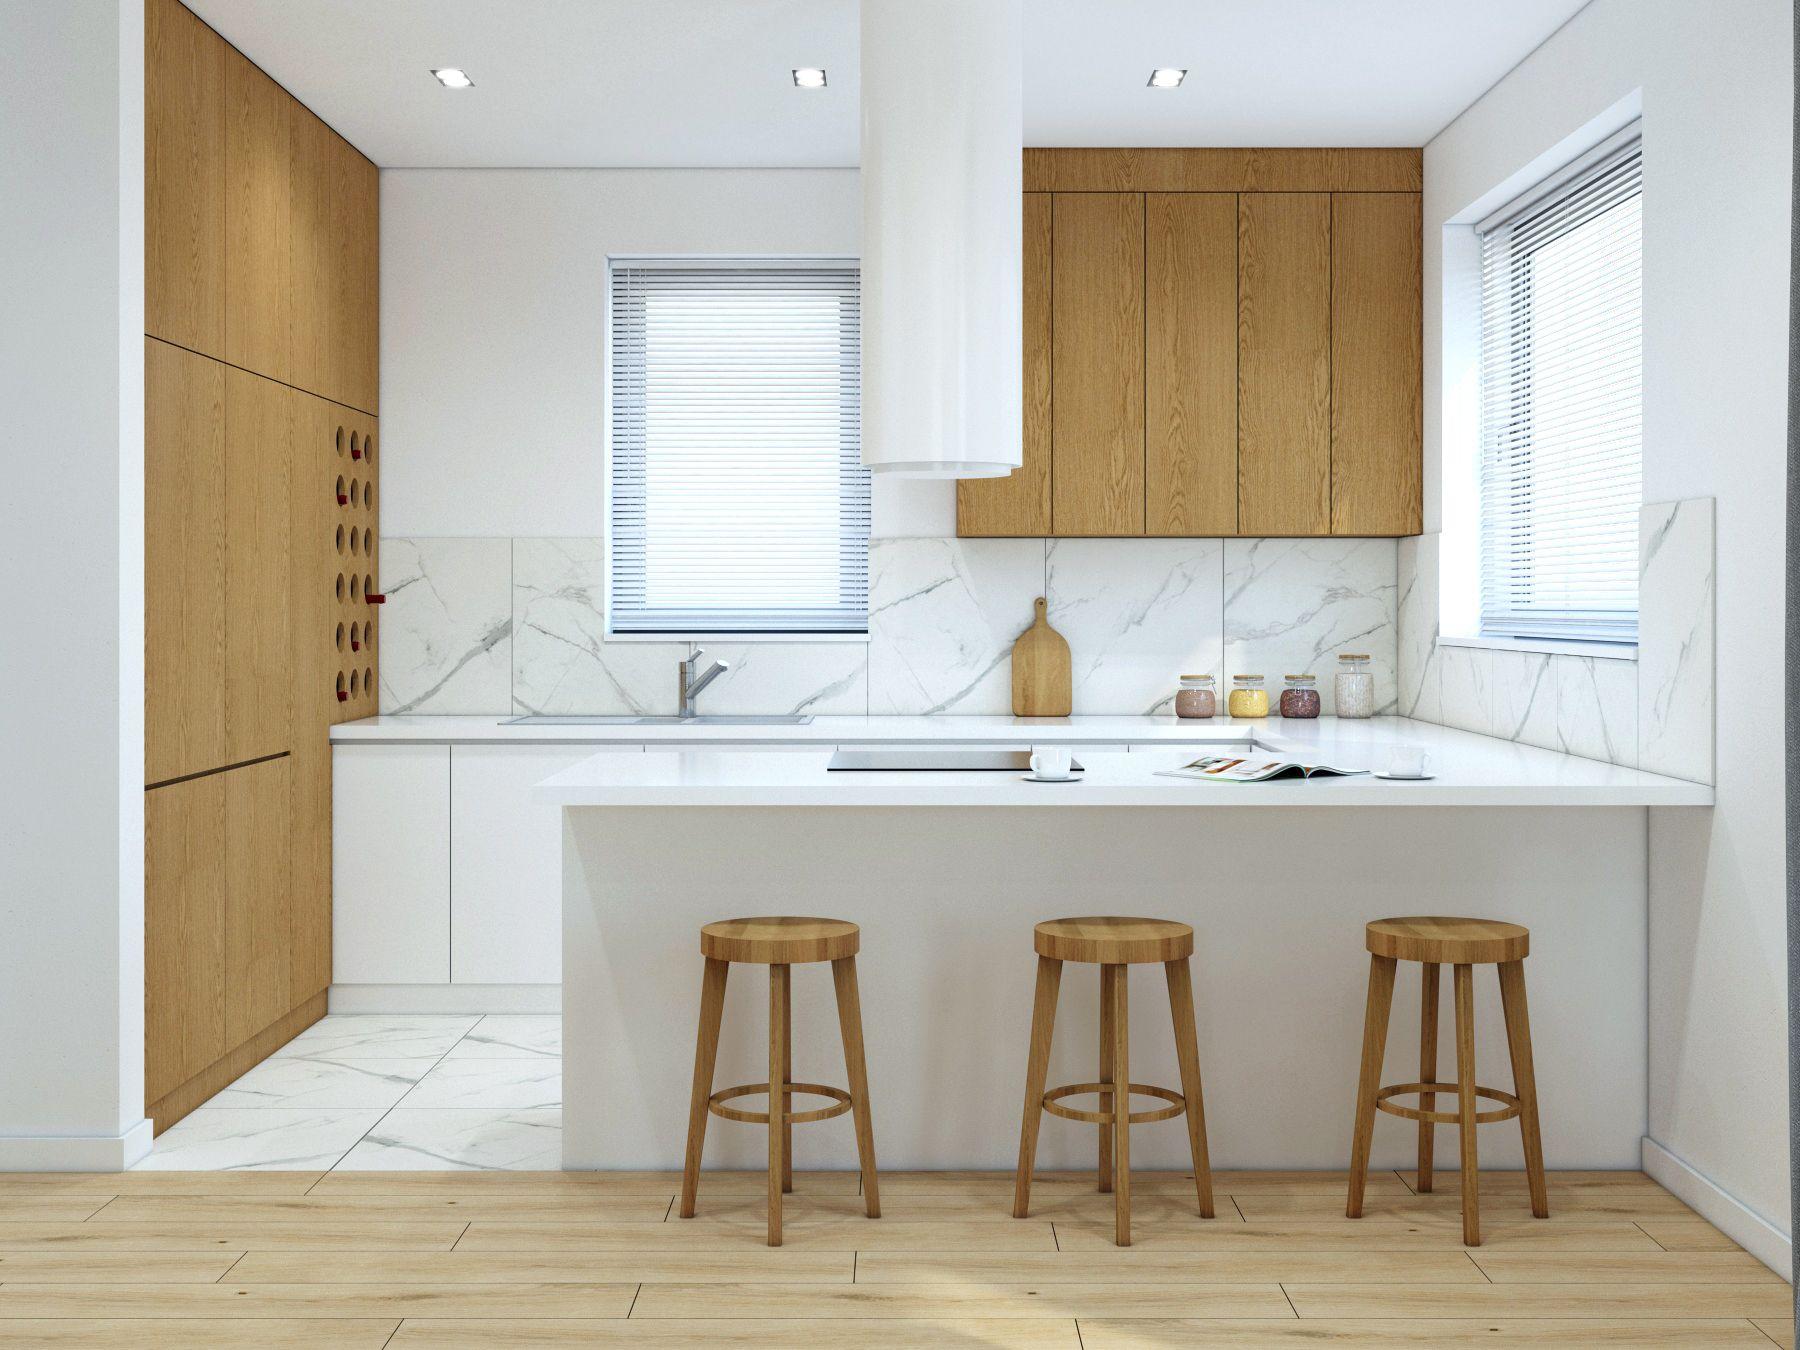 Kuchnia Otwarta Na Salon W Domu Jednorodzinnym Pod Krakowem Www Maczarchitektura Pl Kitchen Design Home Kitchen